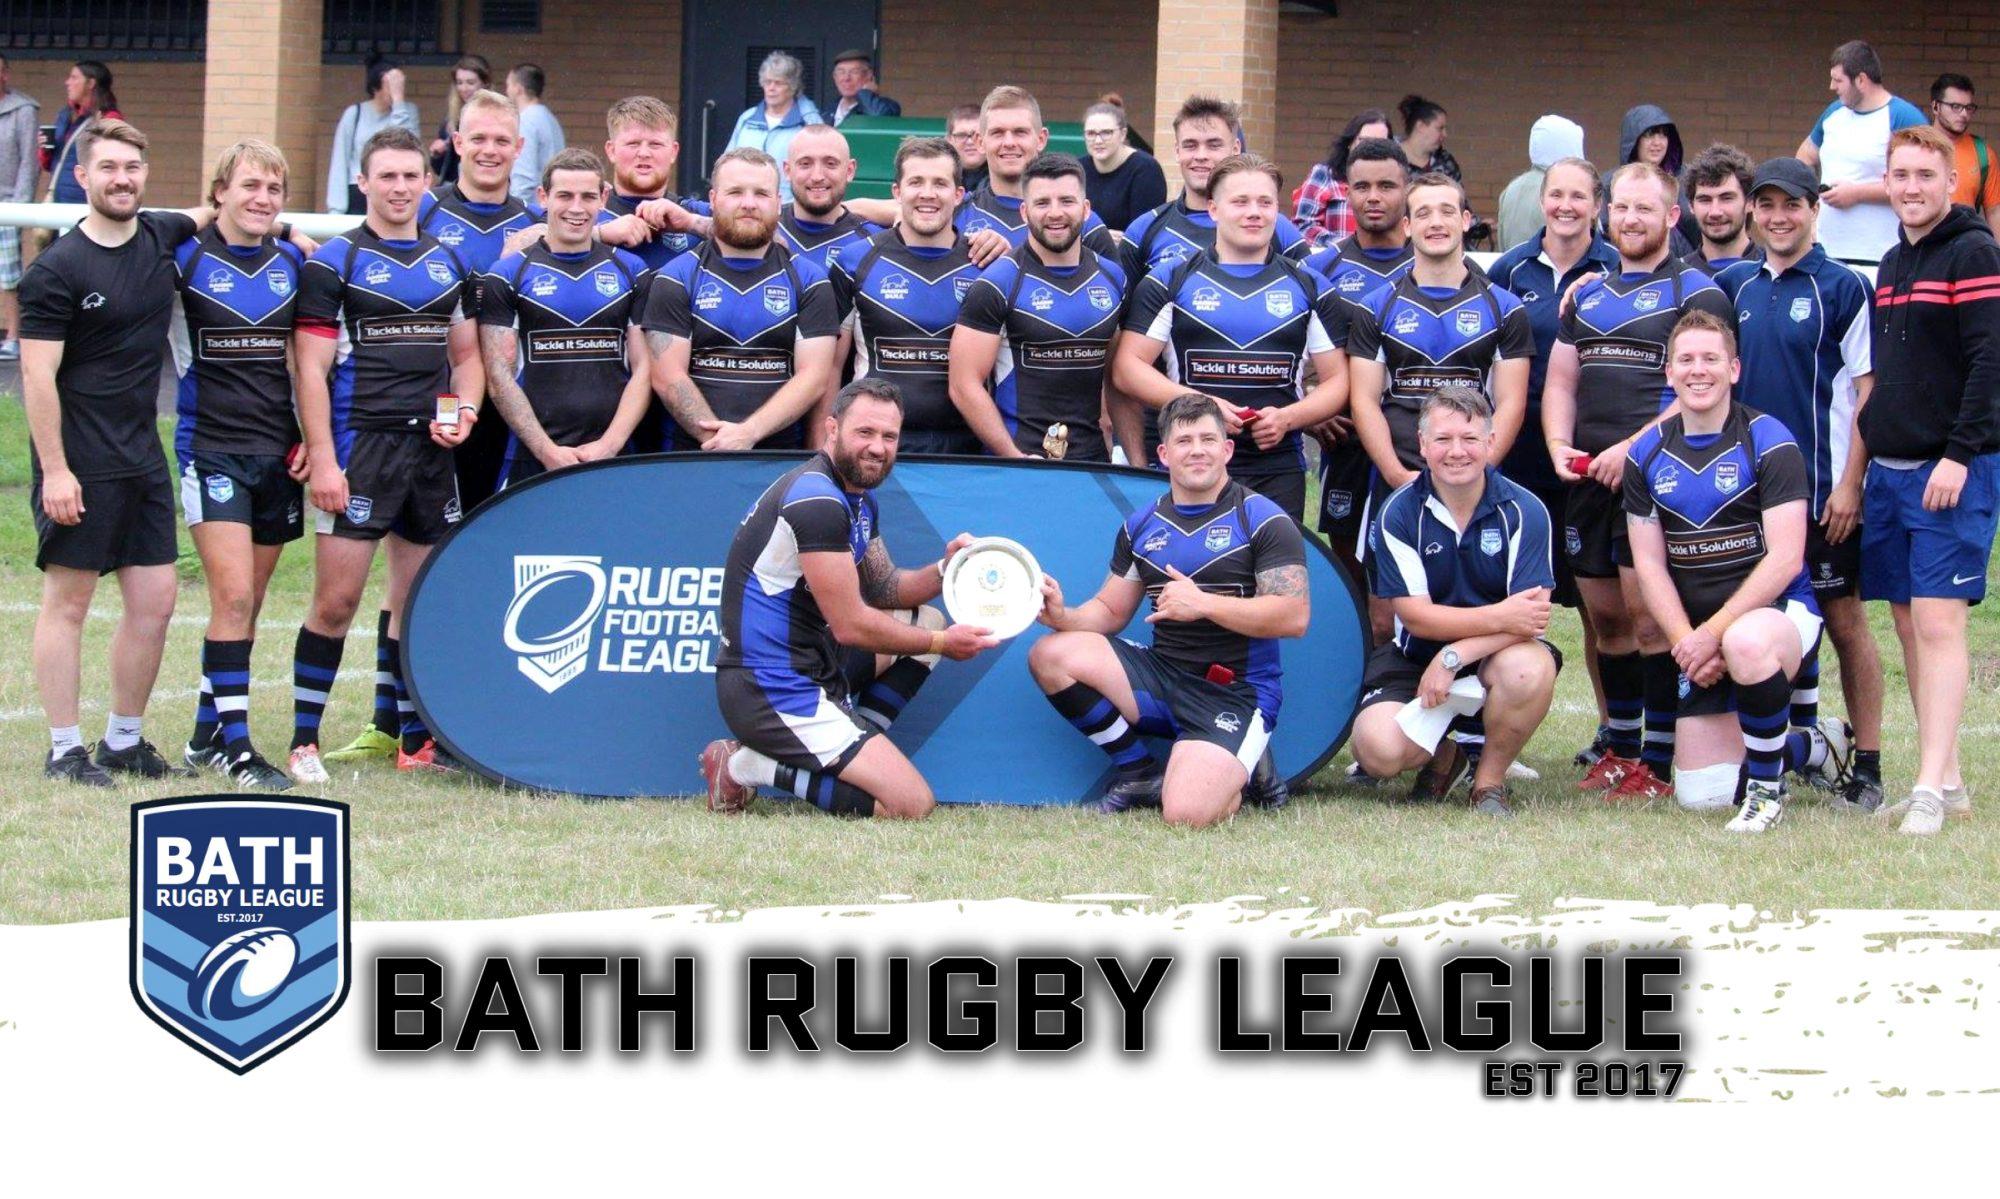 Bath Rugby League.